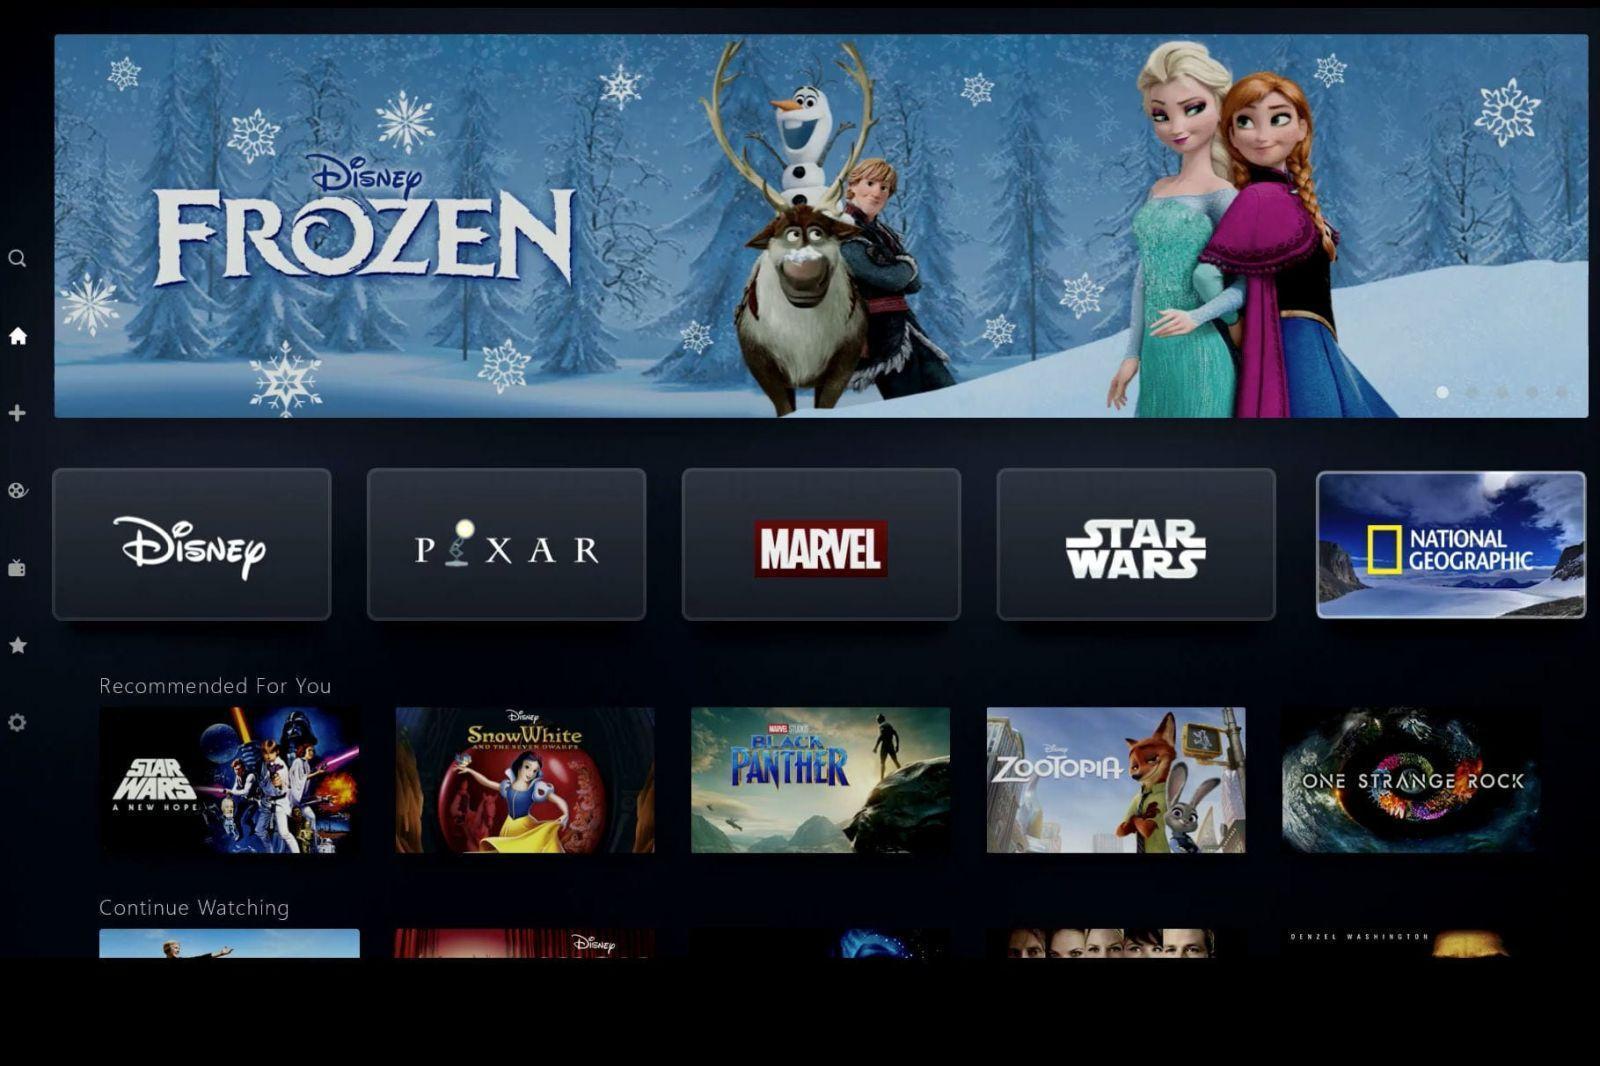 """Disney запустил свою стриминговую платформу с сериалами во вселенной """"Звёздых войн"""" и не только (disney plus tv home window edit jpg)"""